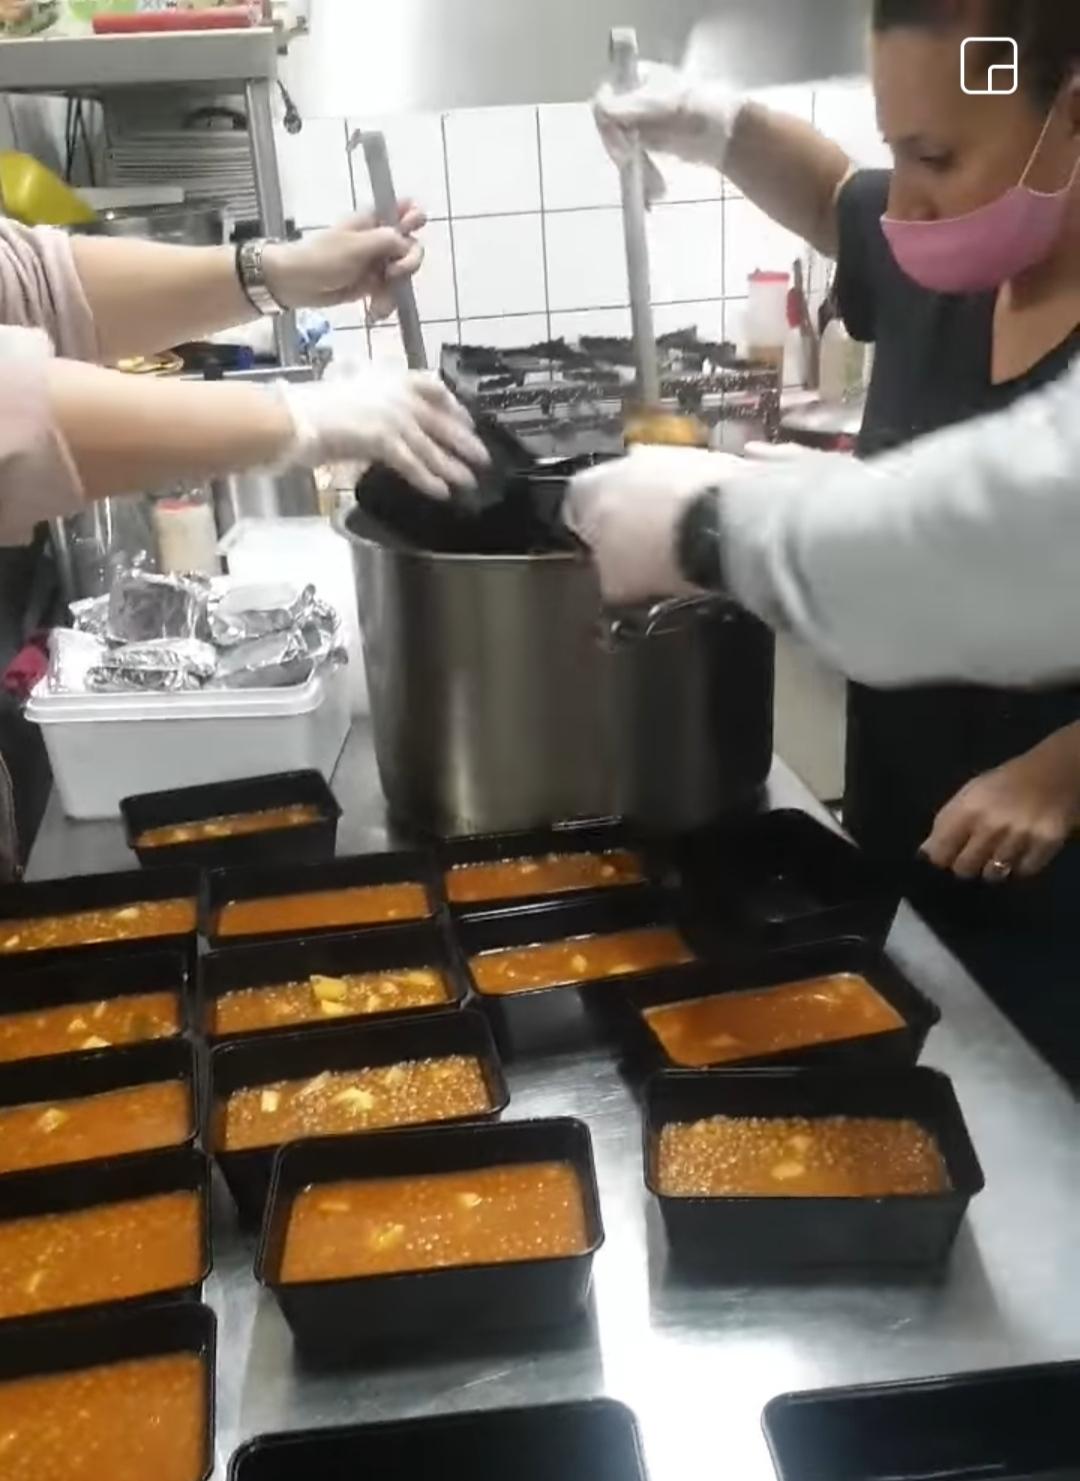 Ηράκλειο: «Κανένας χωρίς φαγητό» – Καλλιτέχνες μαγειρεύουν για όσους έχουν ανάγκη